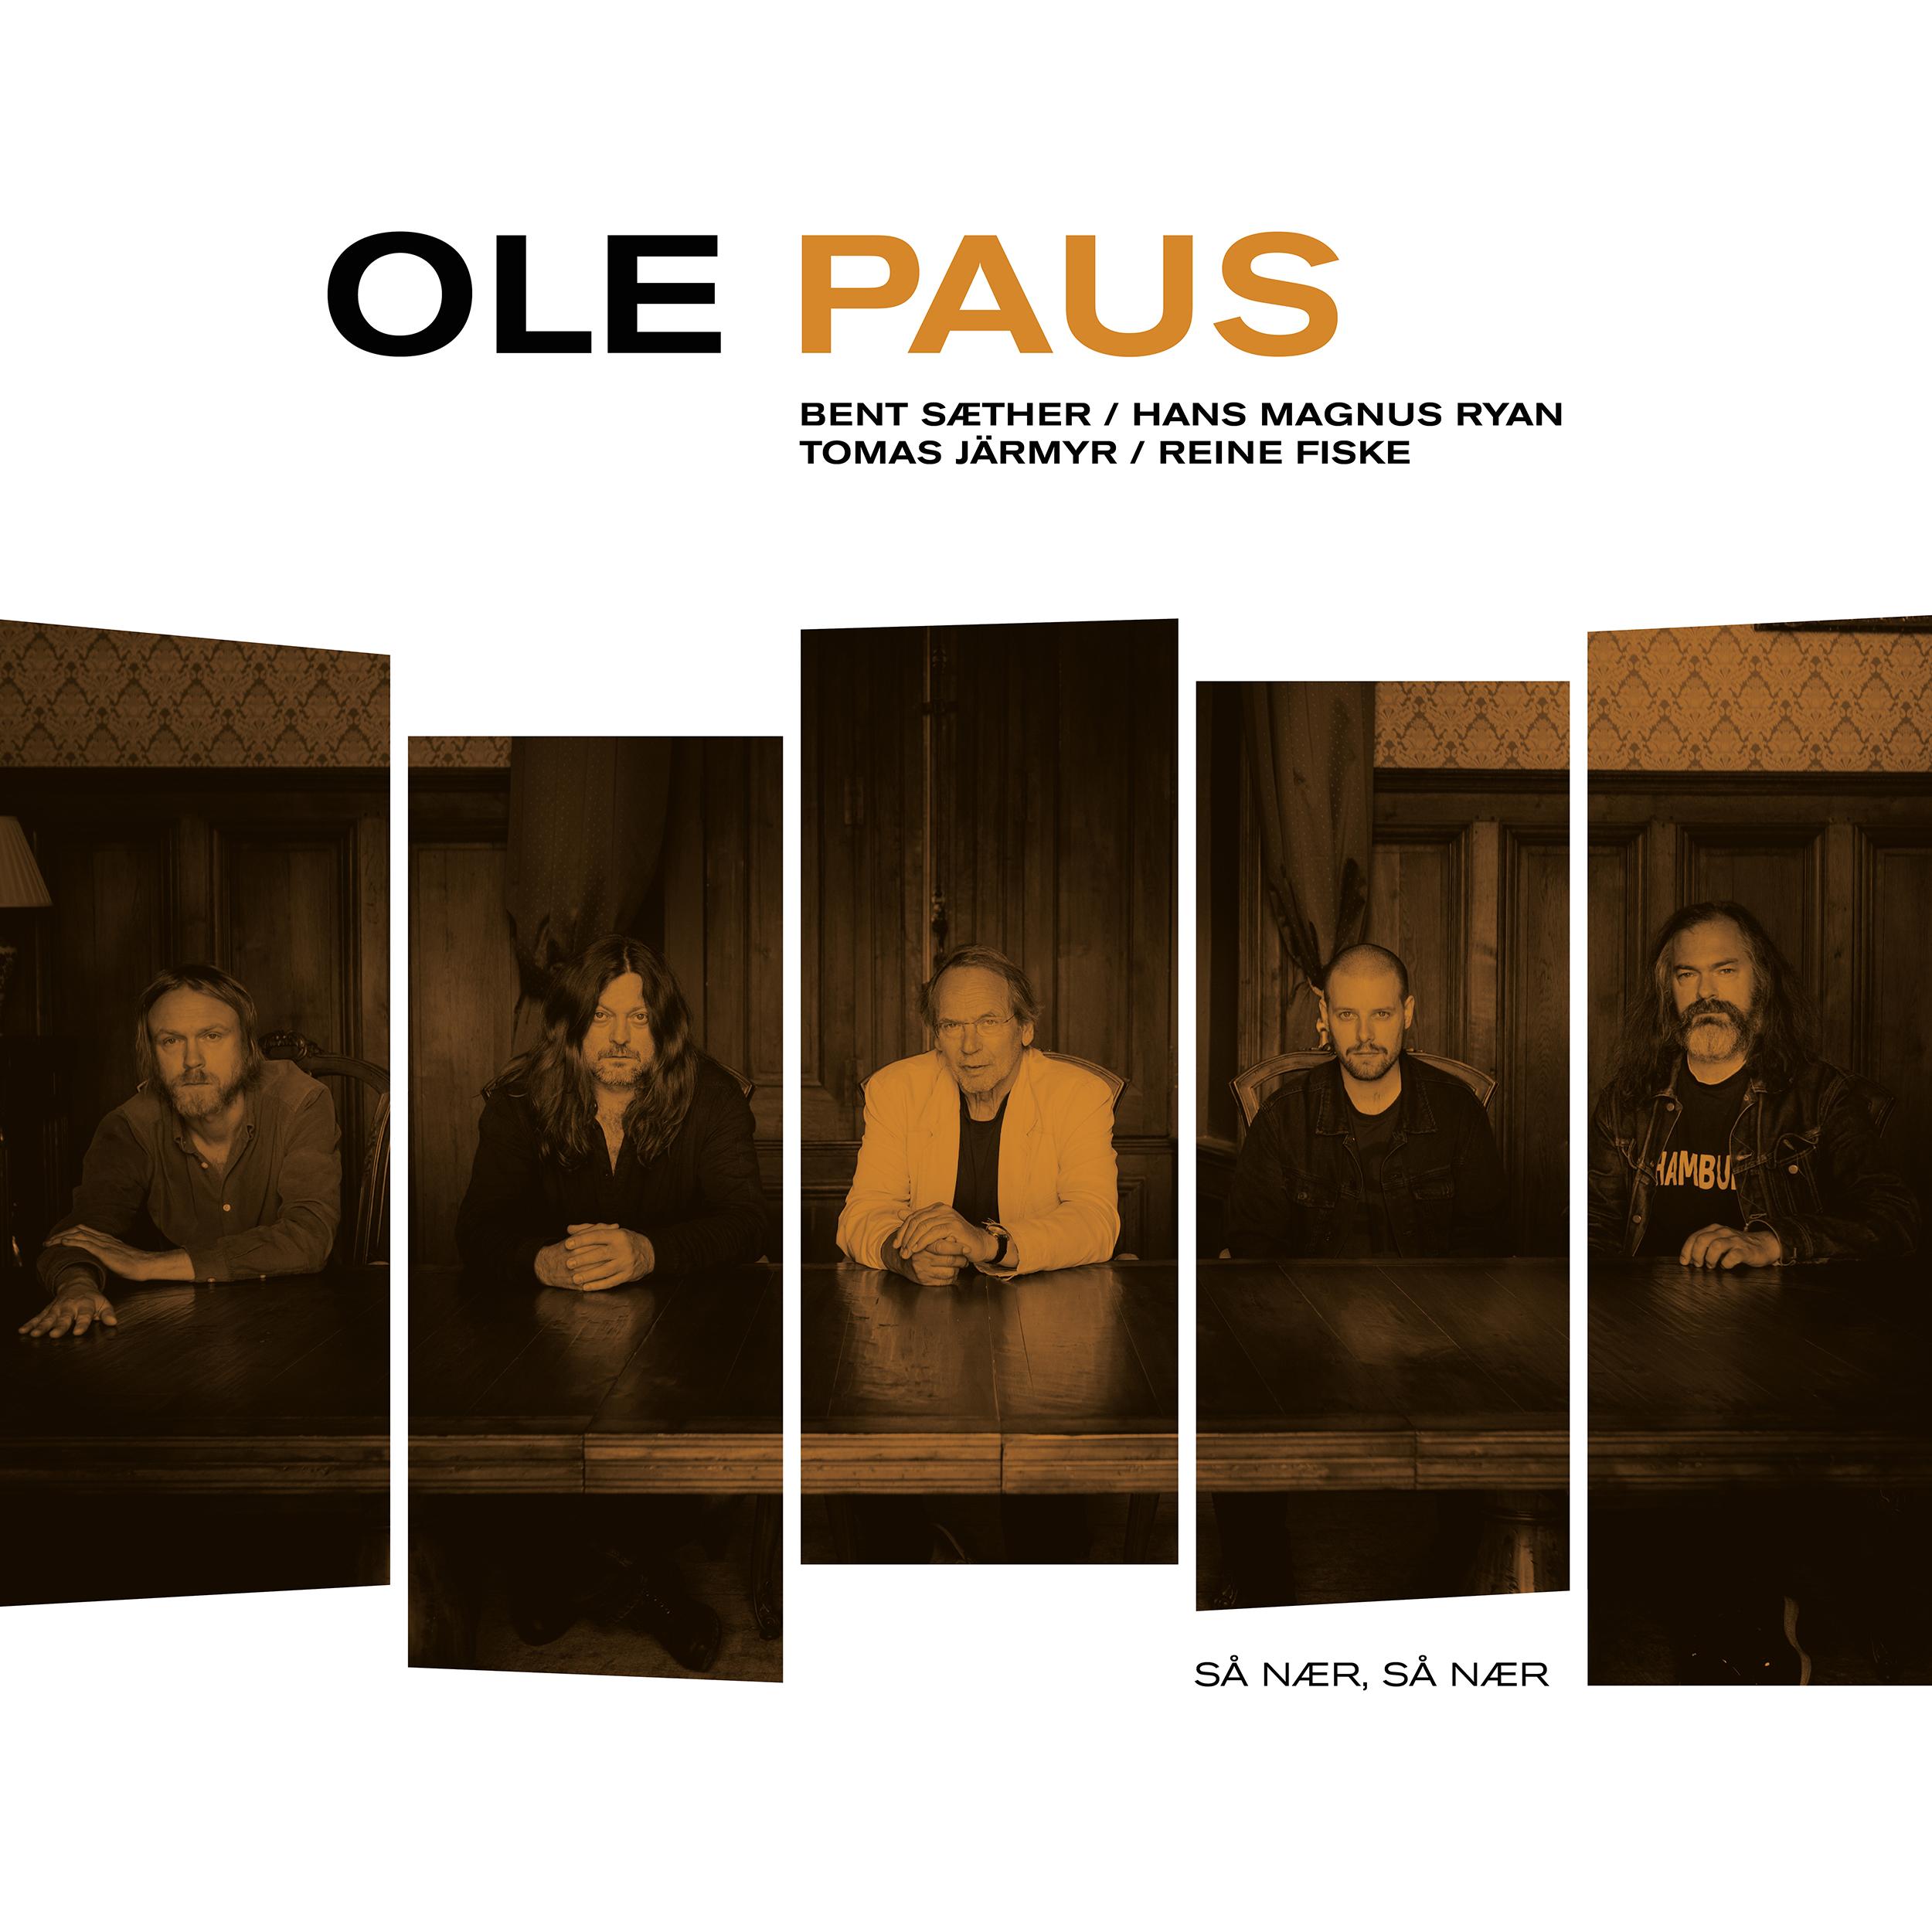 Ole Paus - Så nær, så nær [2xLTD LP] (Orange vinyl)